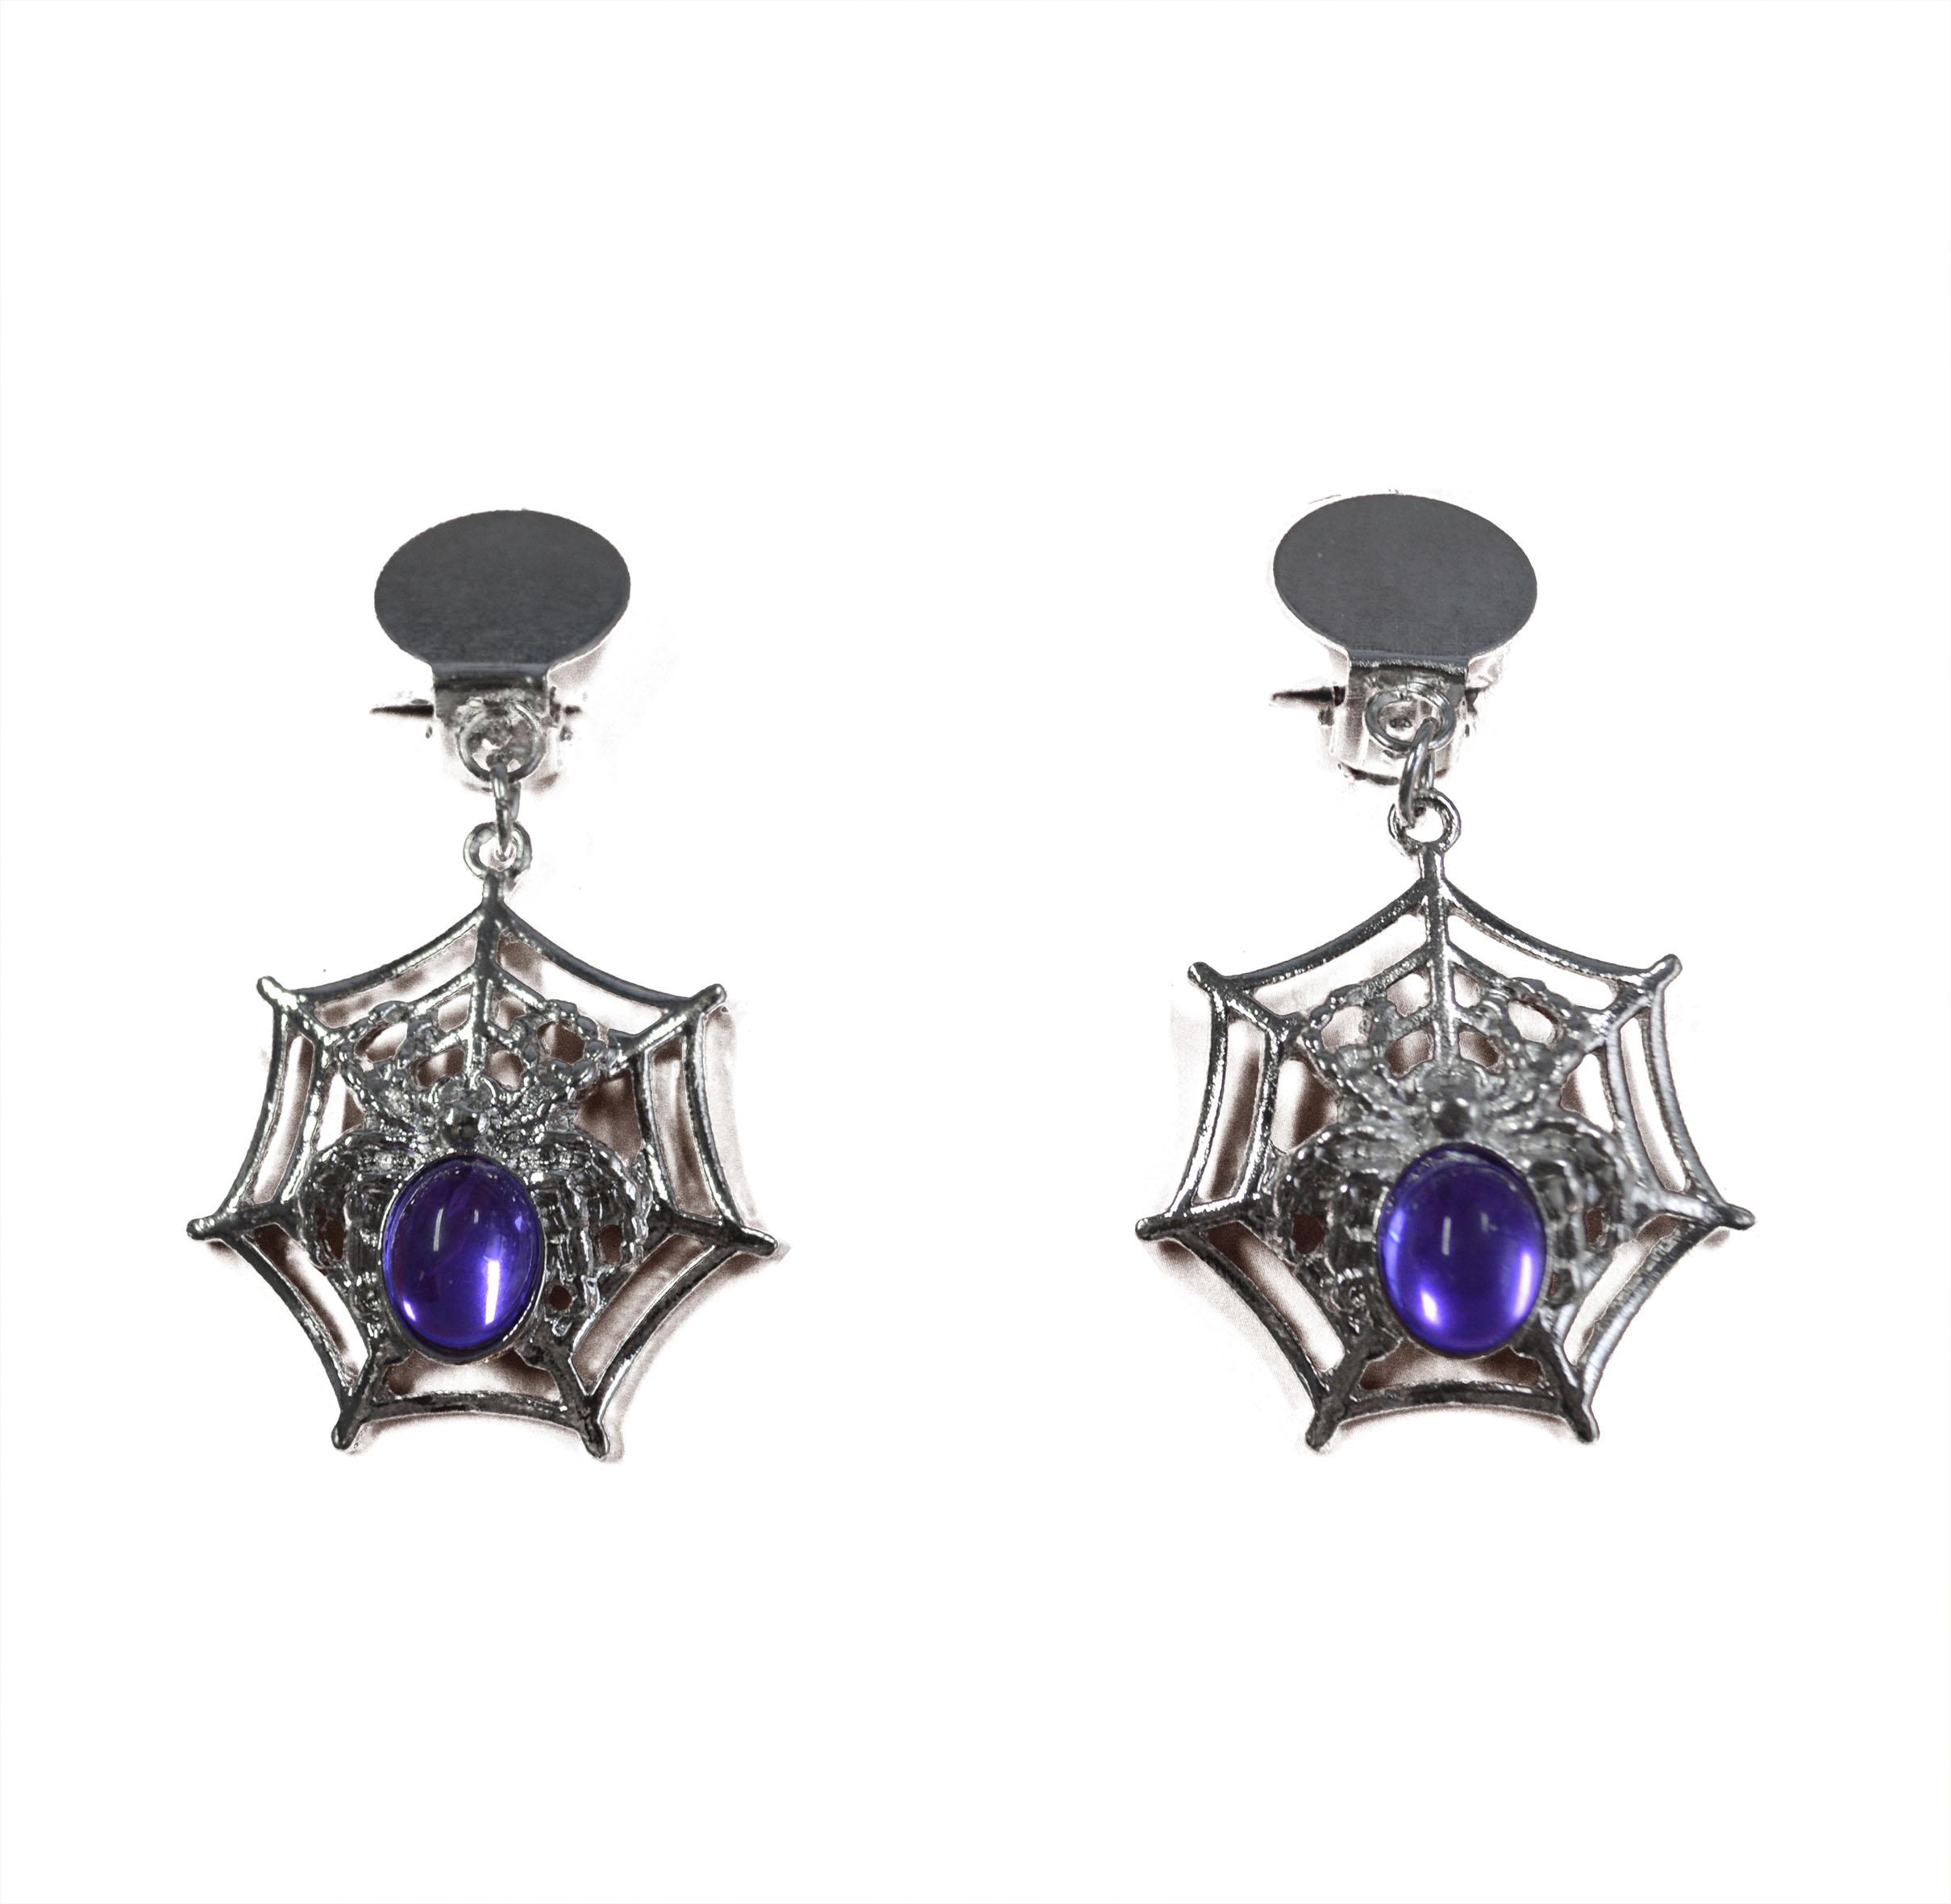 Ohrringe - Netz mit Spinne und lila Stein